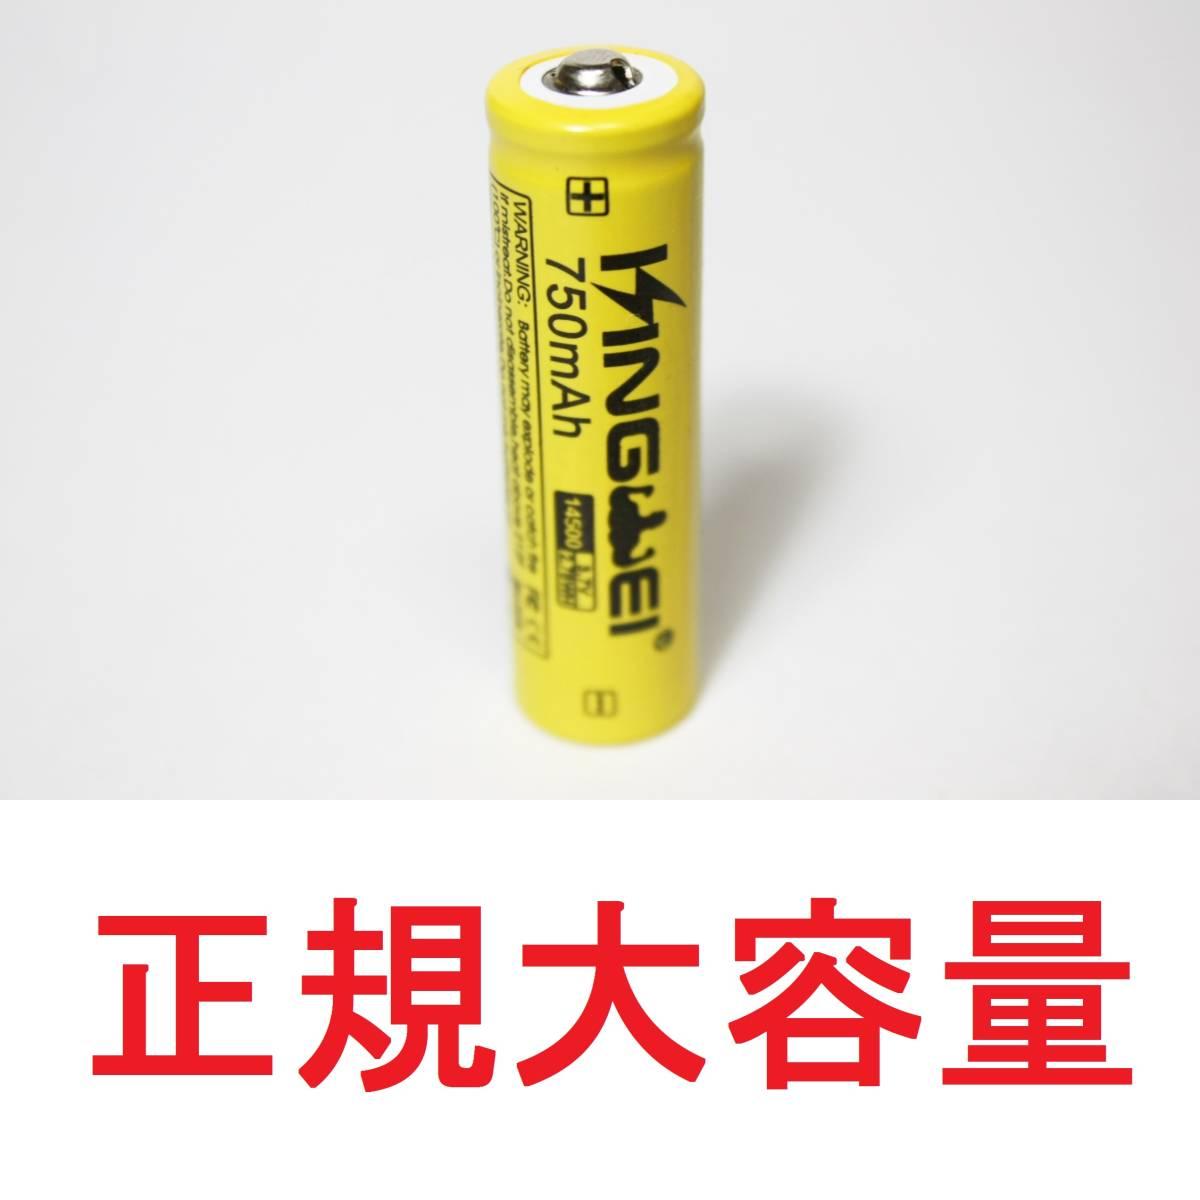 ■正規大容量 14500 リチウムイオン 充電池 バッテリー 懐中電灯 ハンディライト06_画像1